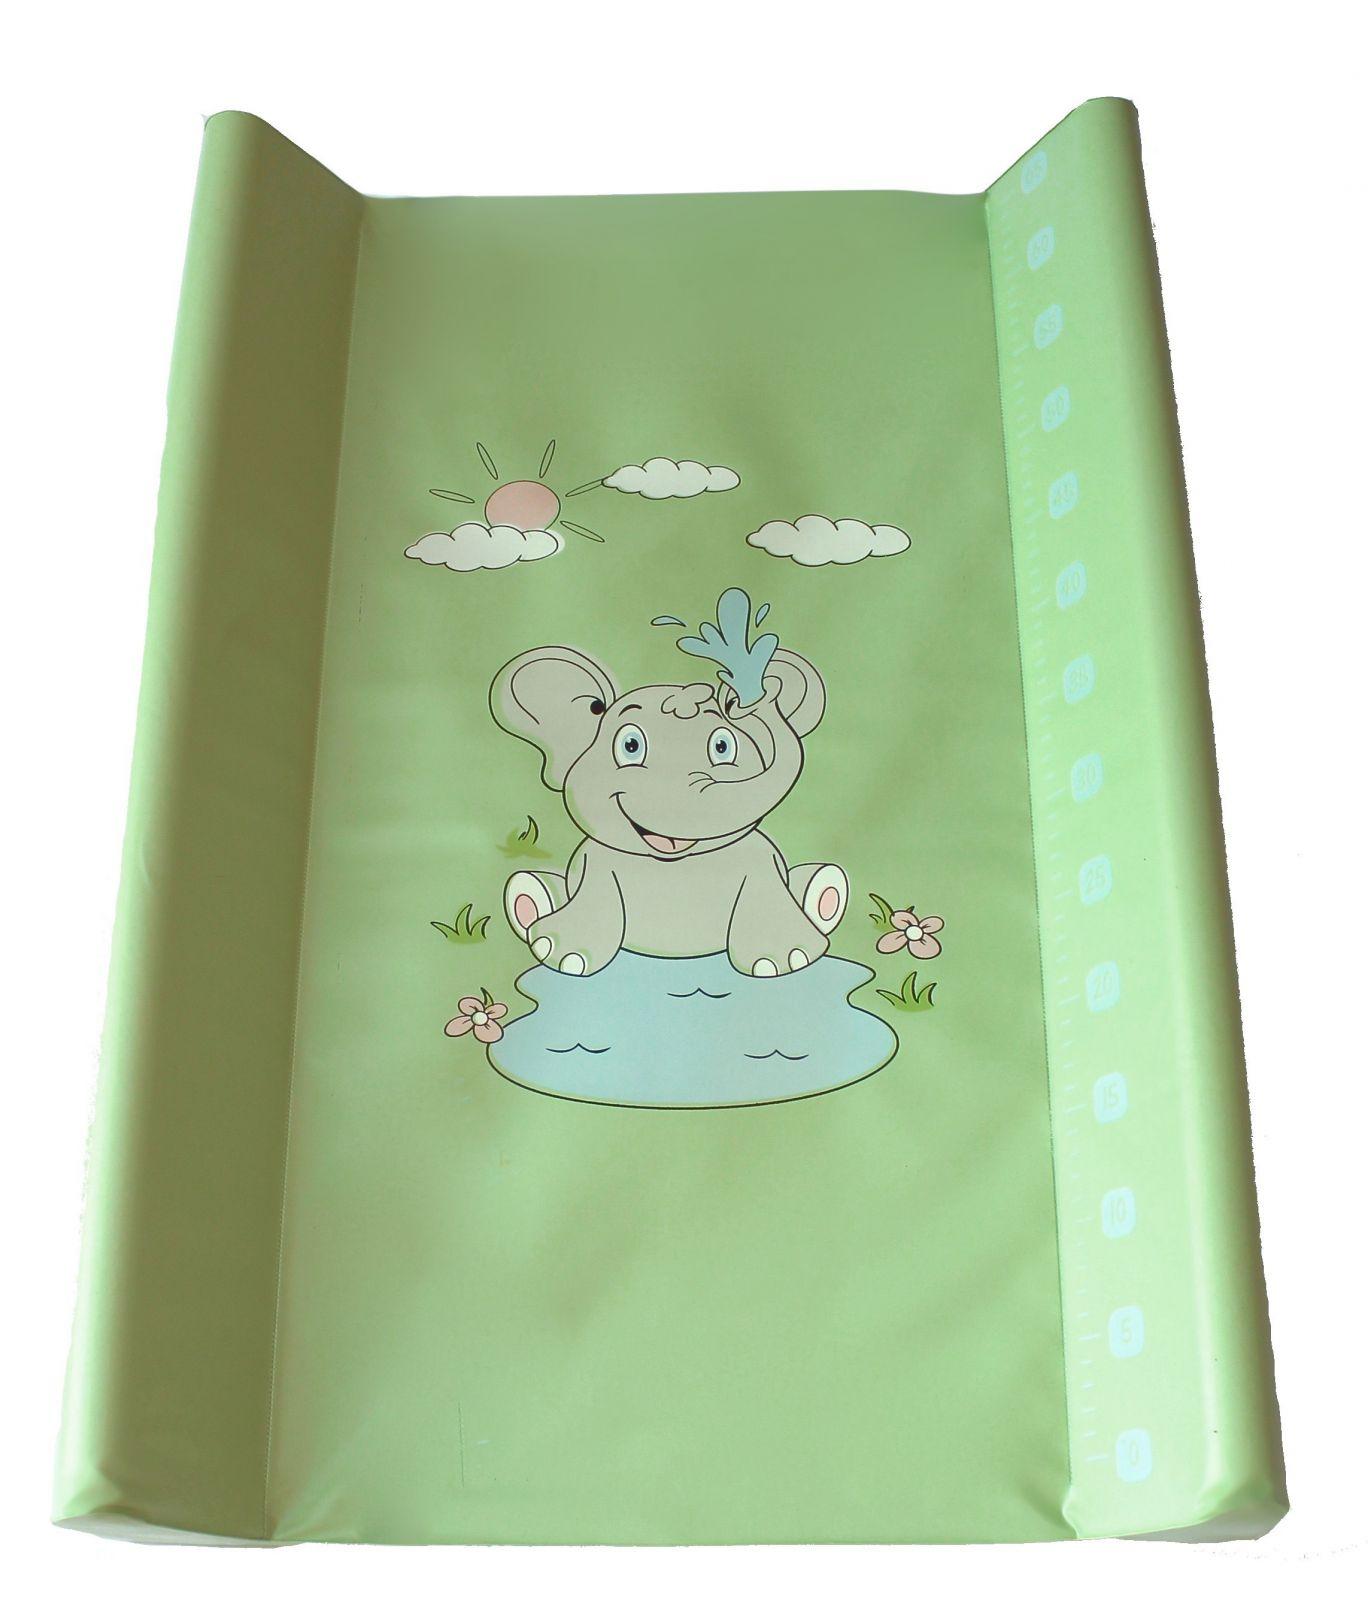 Přebalovací podložka Baby sky měkká 50x70 cm zelená sloník